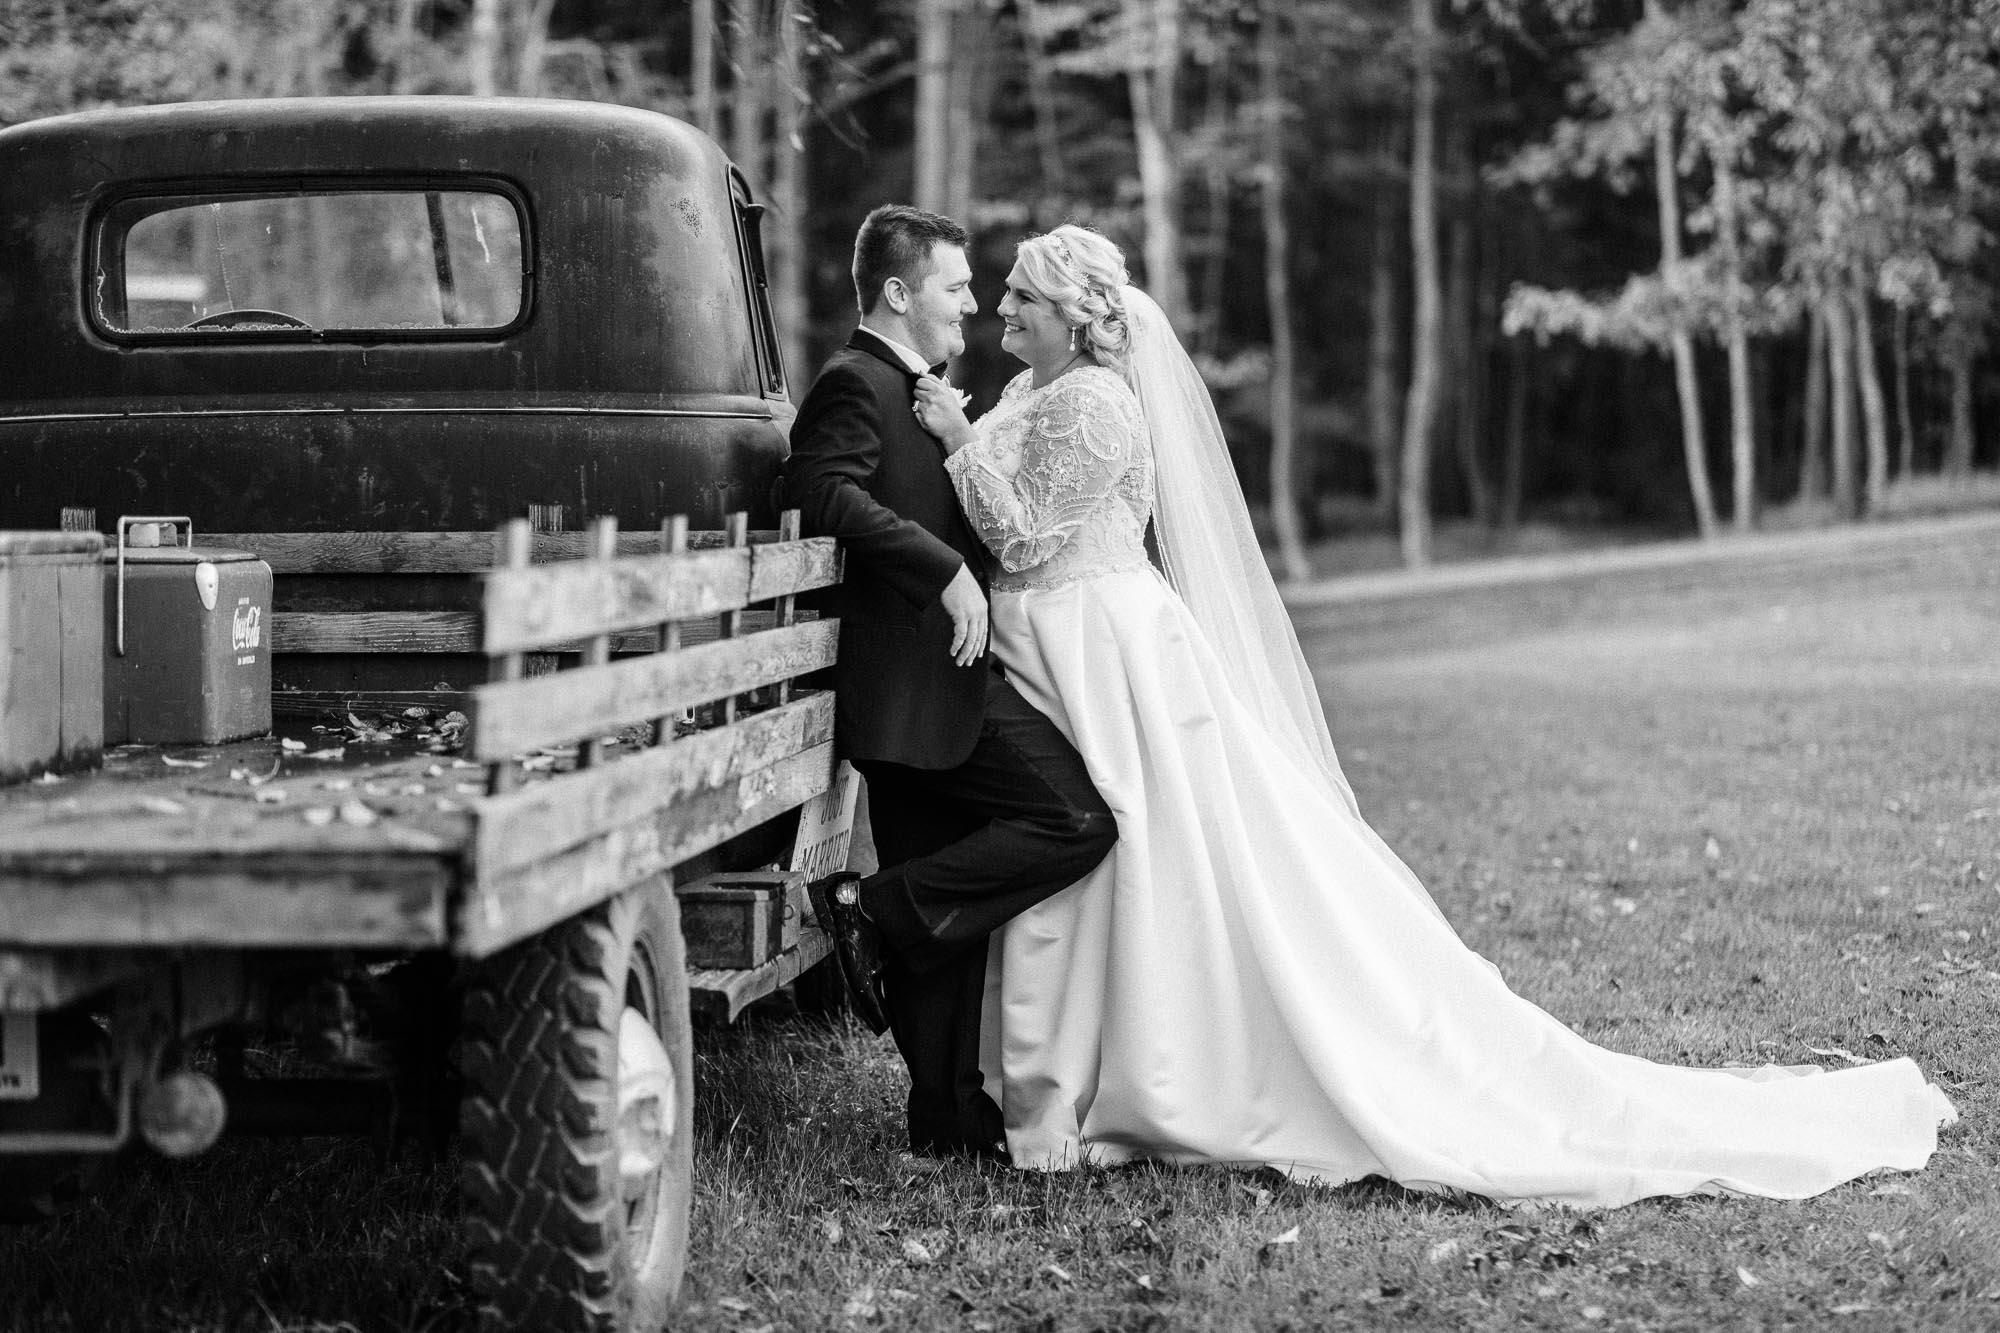 whitewoods-october-wedding-sk-3945.jpg